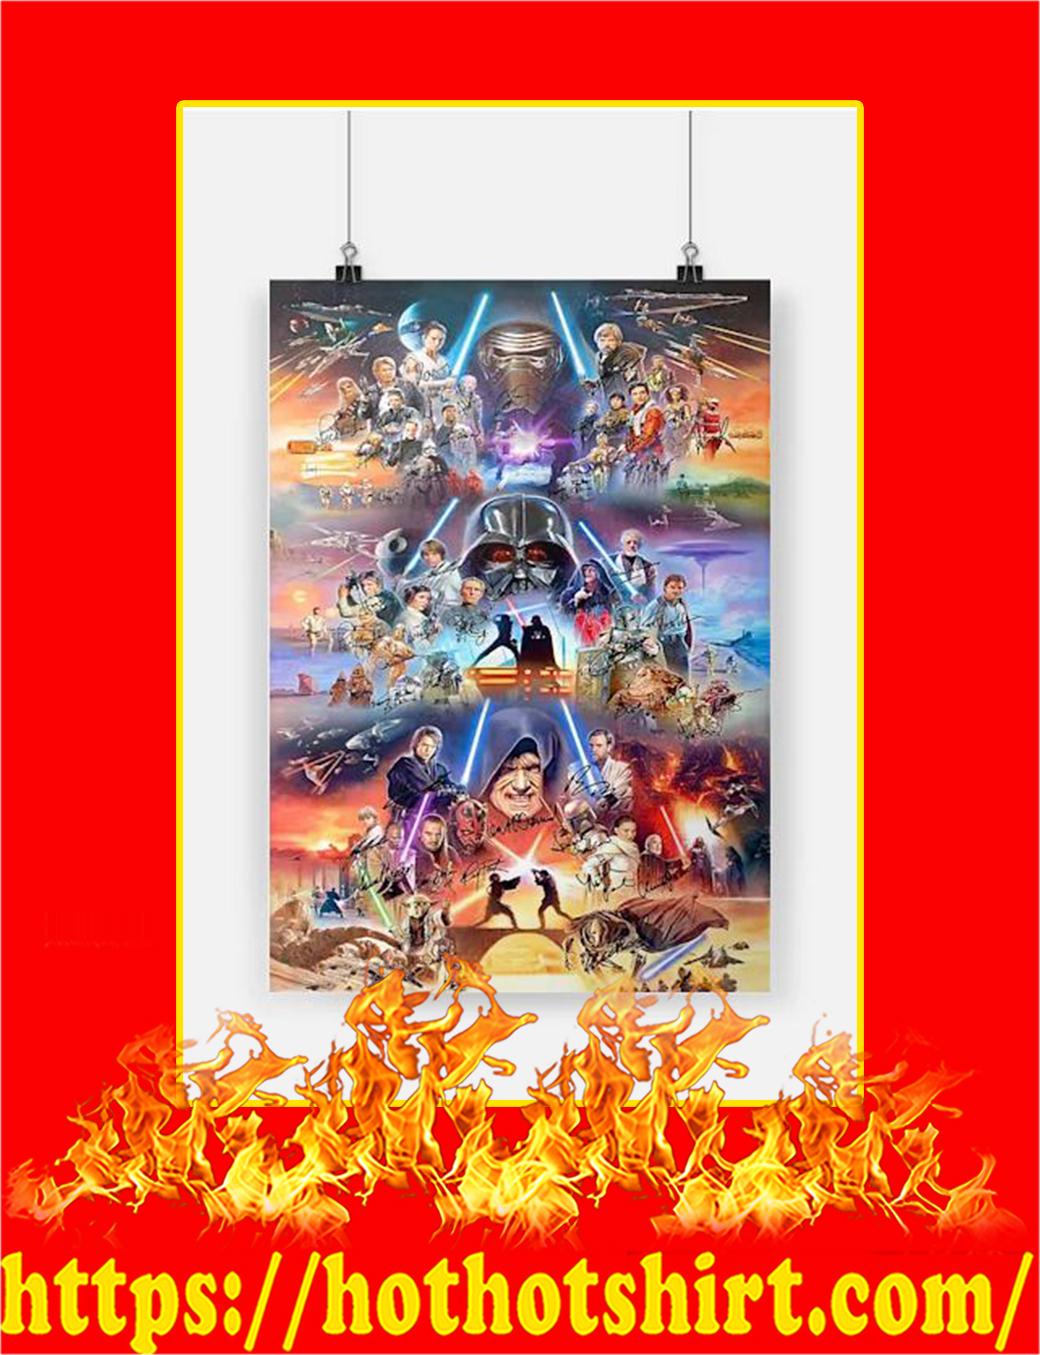 Star War Signature Poster - A4